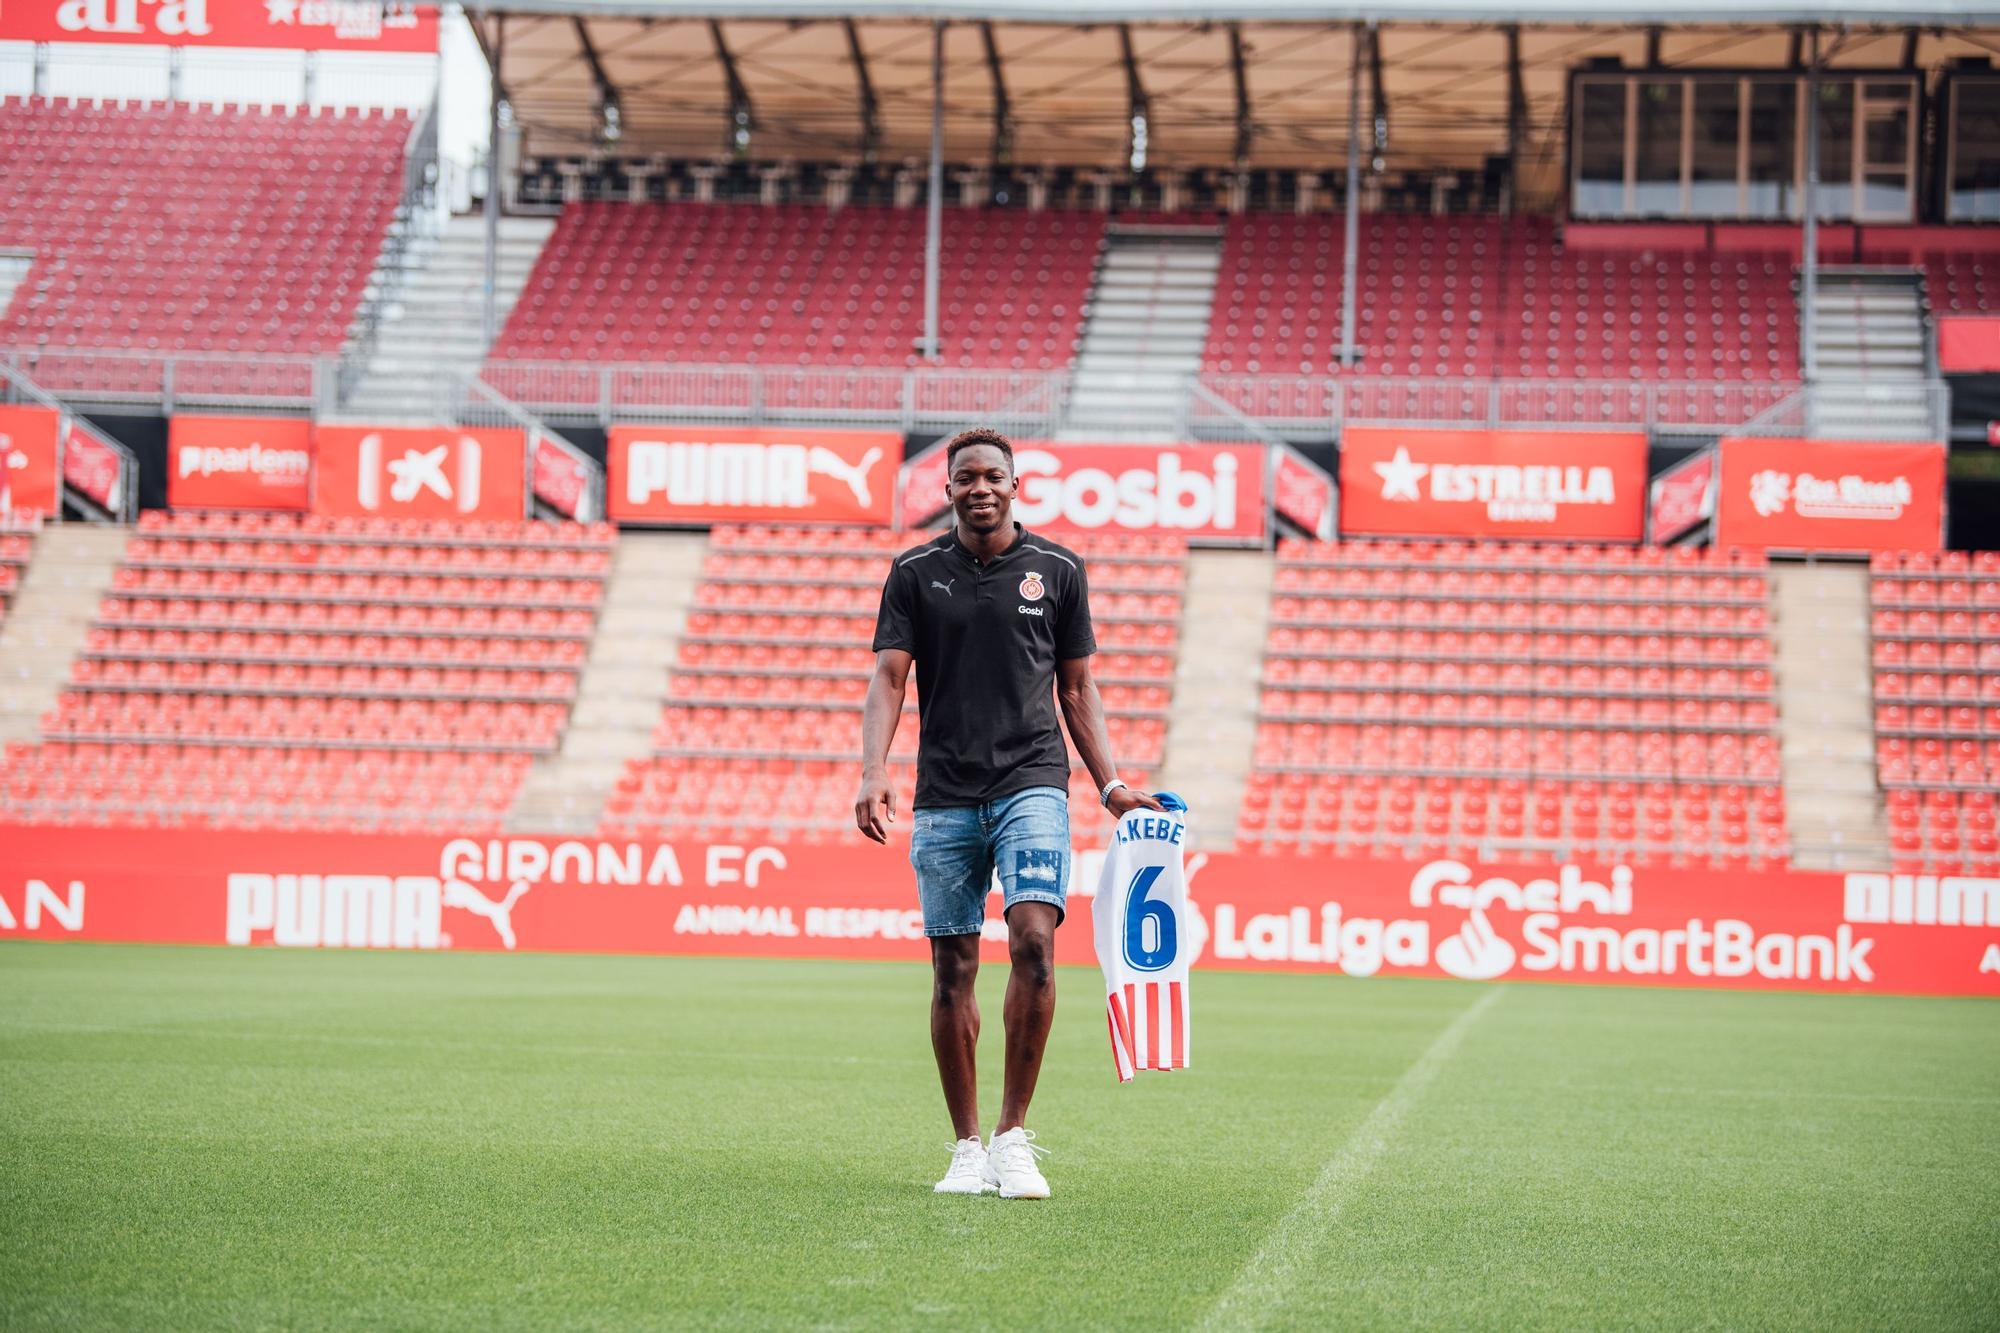 La felicitat de fer carrera al Girona